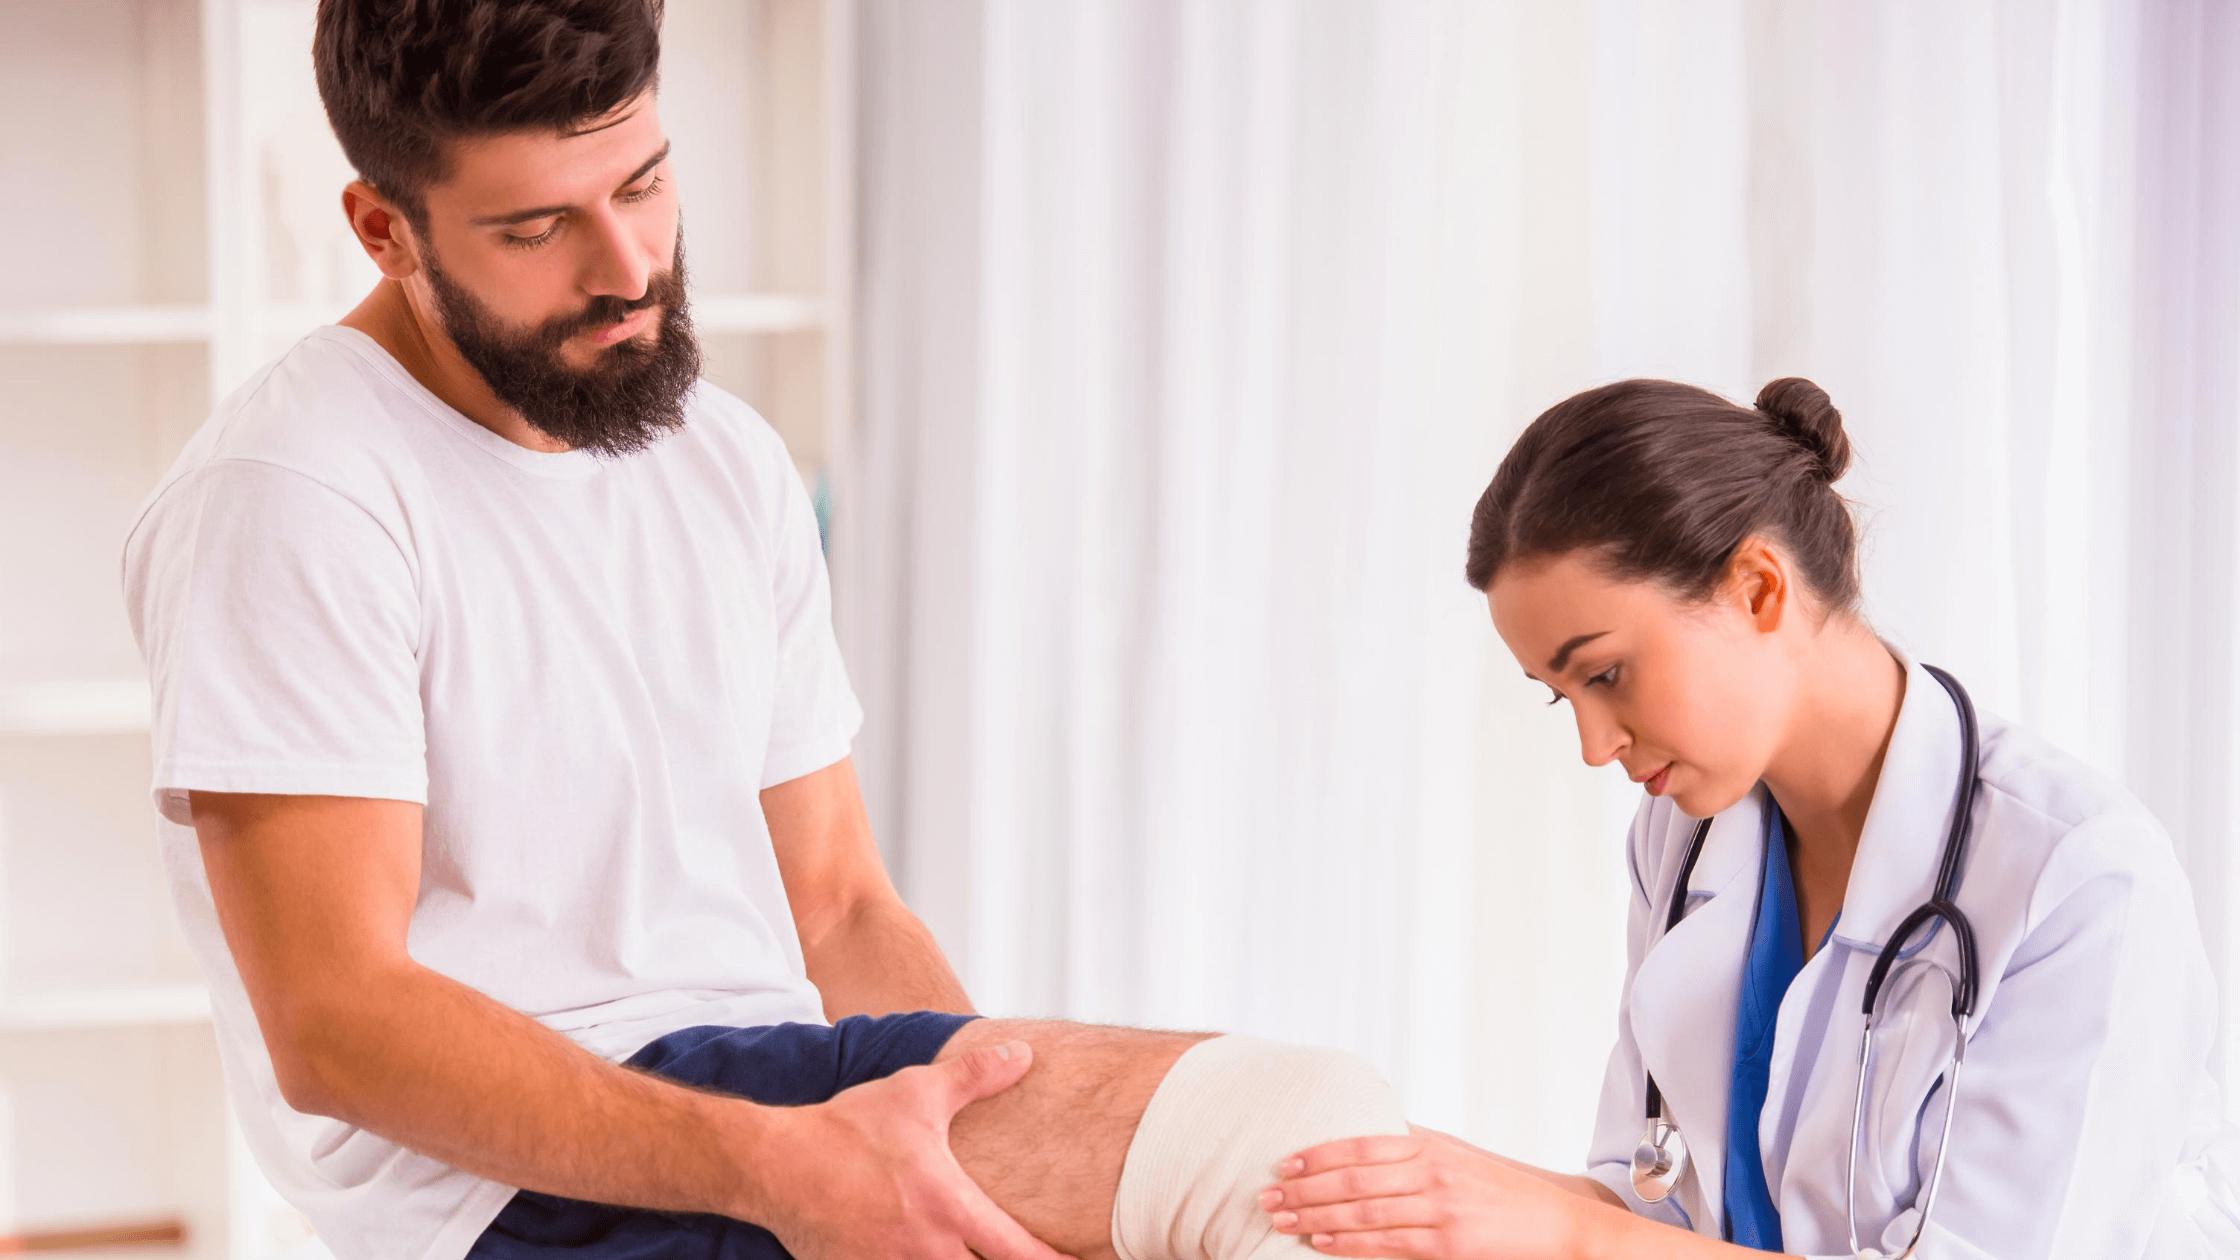 Így kerülheted el a sérüléseket, ha sportolásba kezdesz